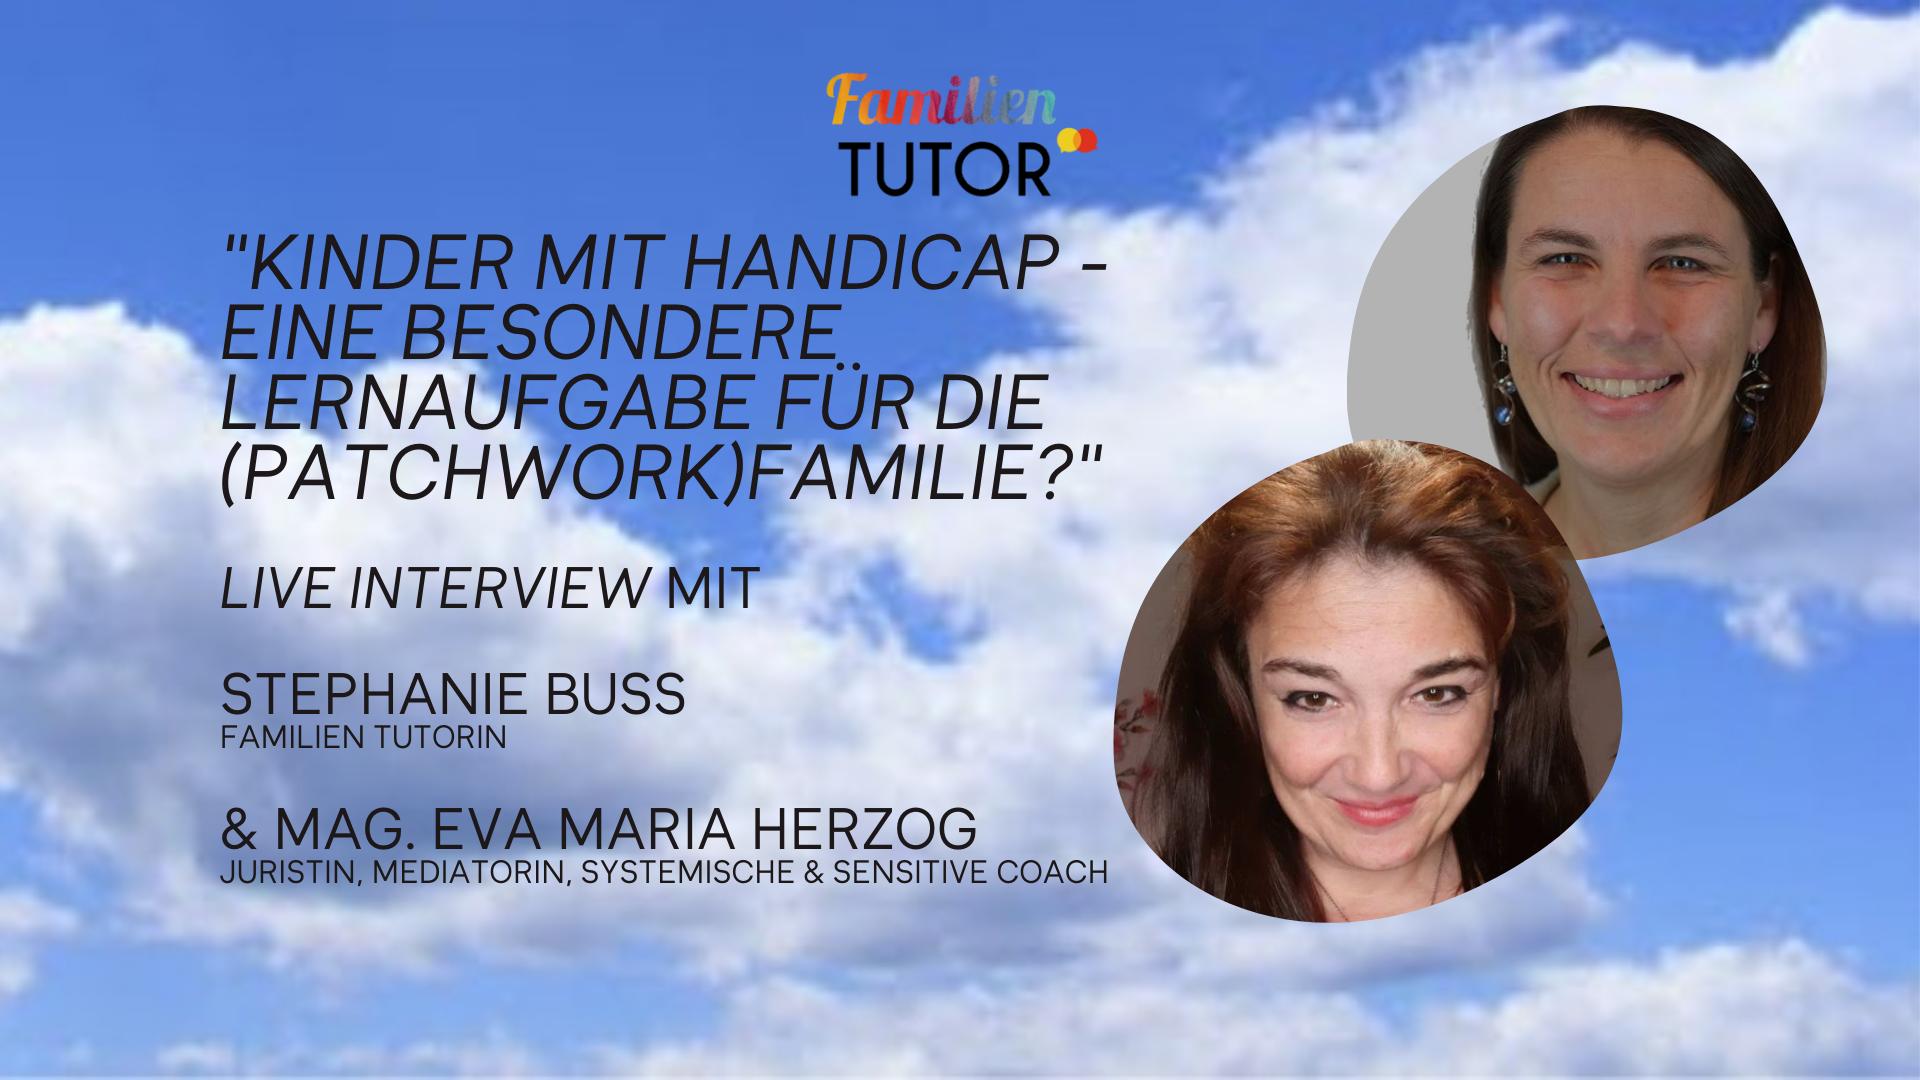 """Live-Interview: """"Kinder mit Handicap - Eine besondere Lernaufgabe für die Familie?"""""""